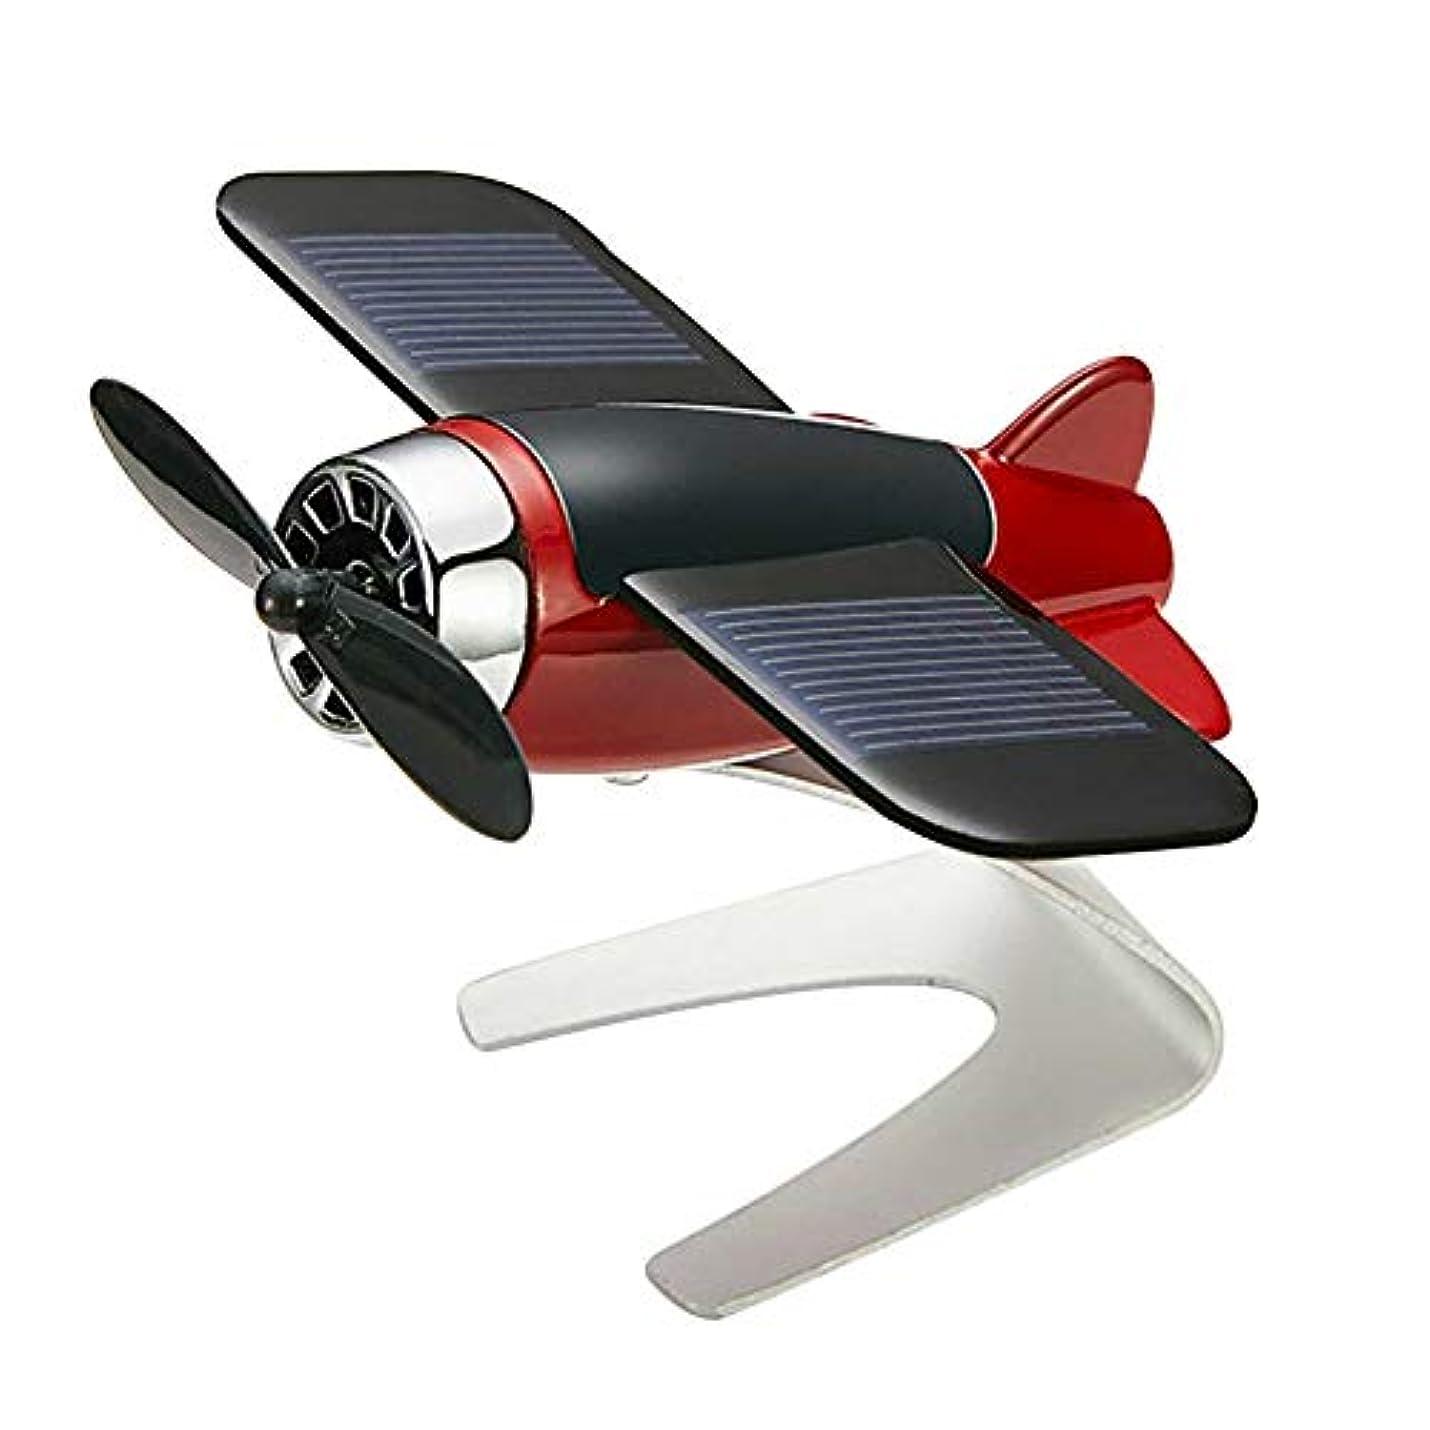 個人的にレモン手伝うSymboat 車の芳香剤飛行機航空機モデル太陽エネルギーアロマテラピー室内装飾